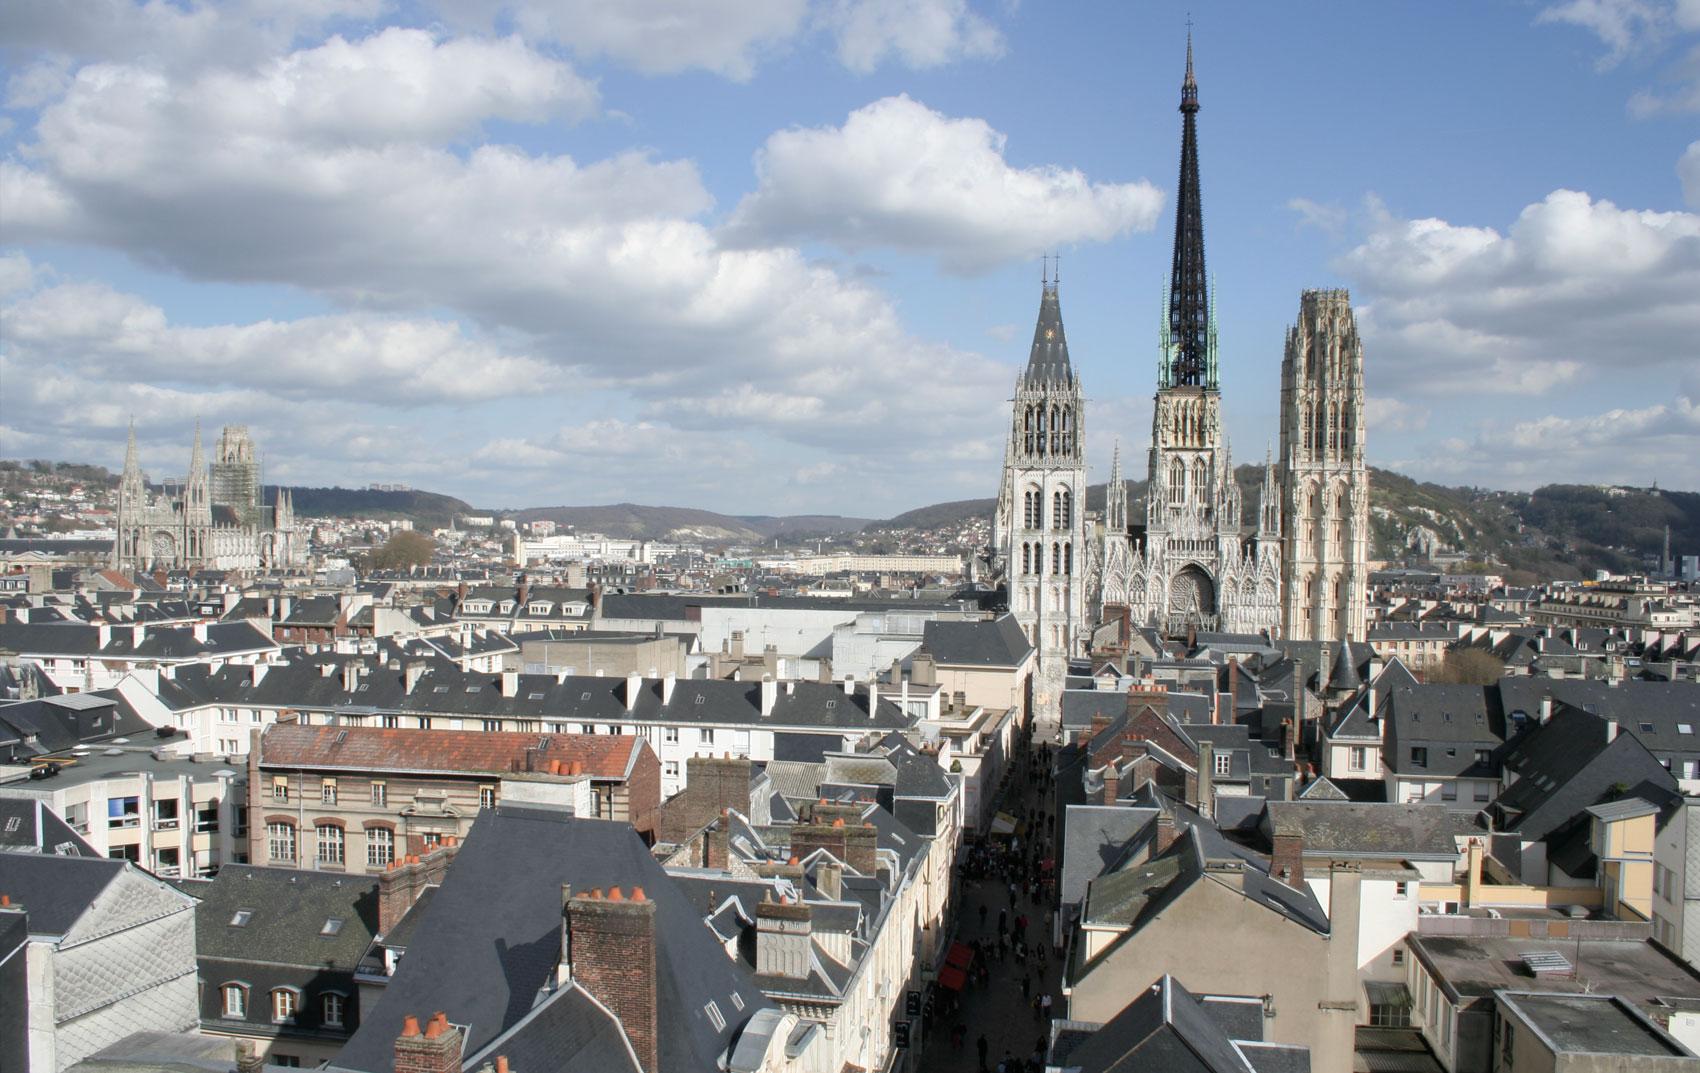 Best western rouen - h?tel litt?raire gustave flaubert à Rouen